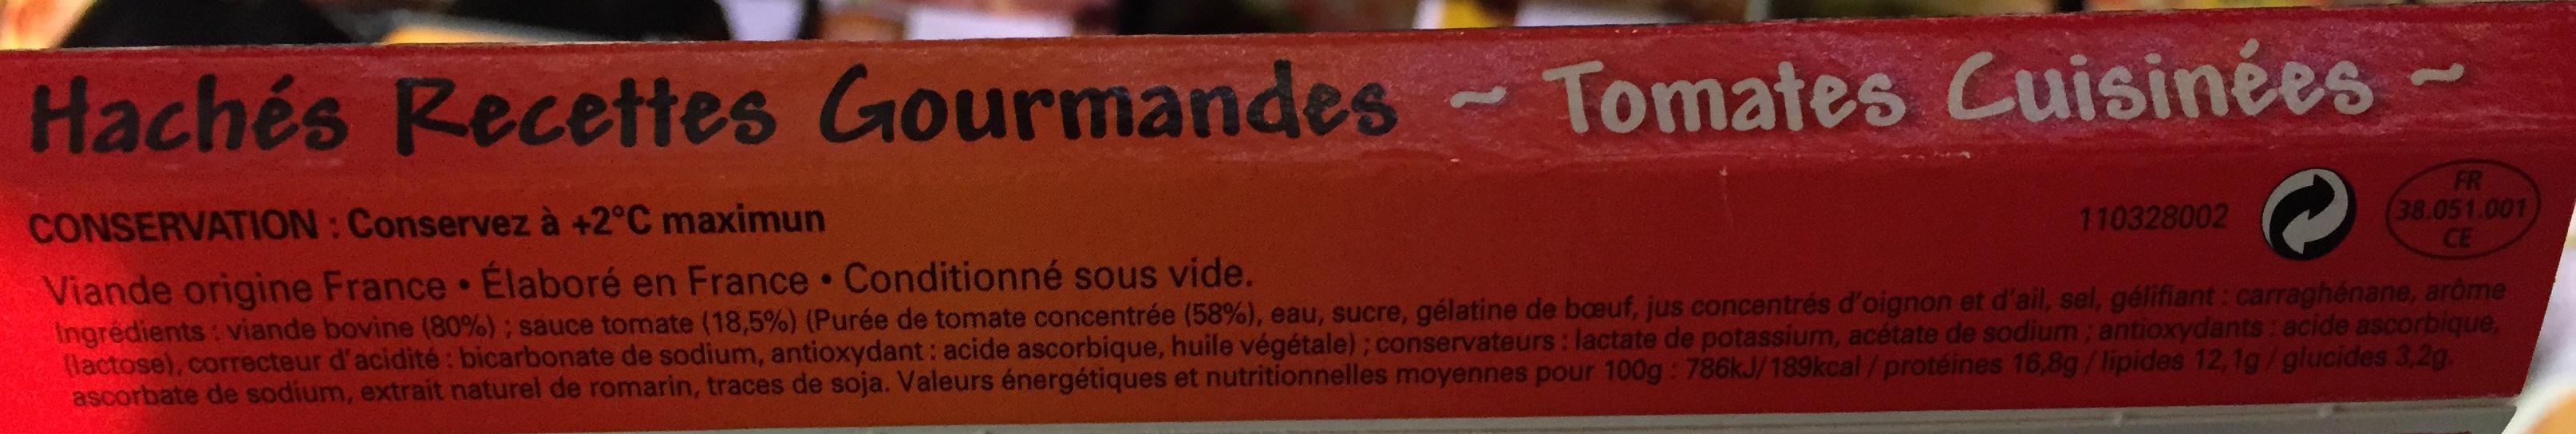 Hachés recettes gourmandes Tomates cuisinées - Ingredients